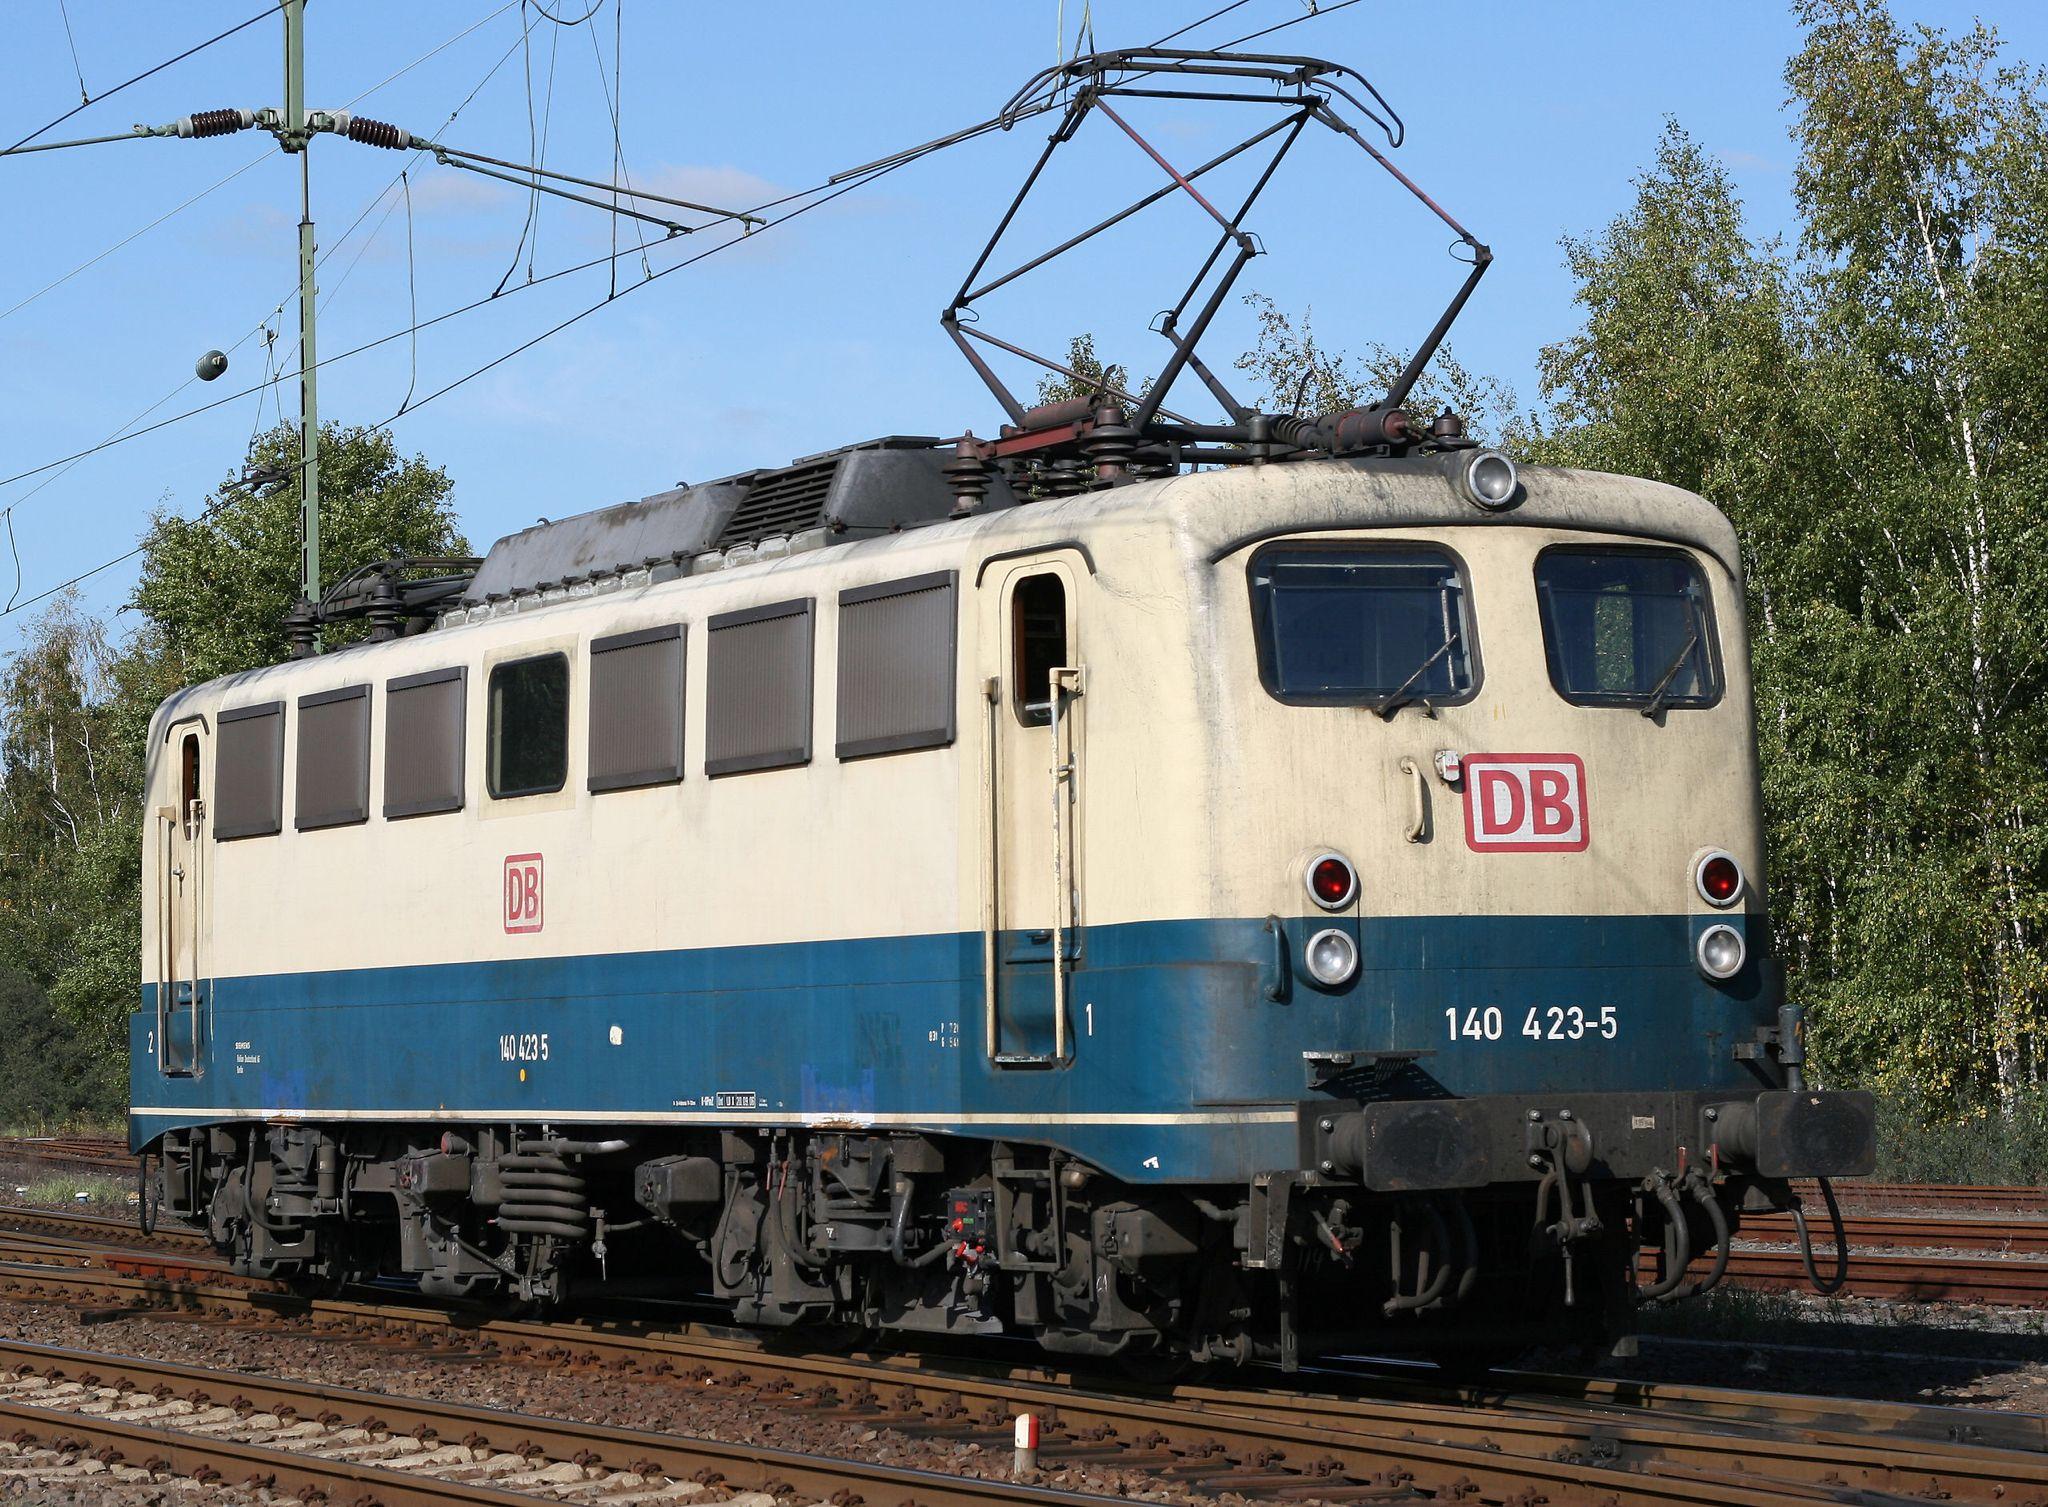 Deutsche Bundesbahn (DB) E 40 Baureihe 140 4235